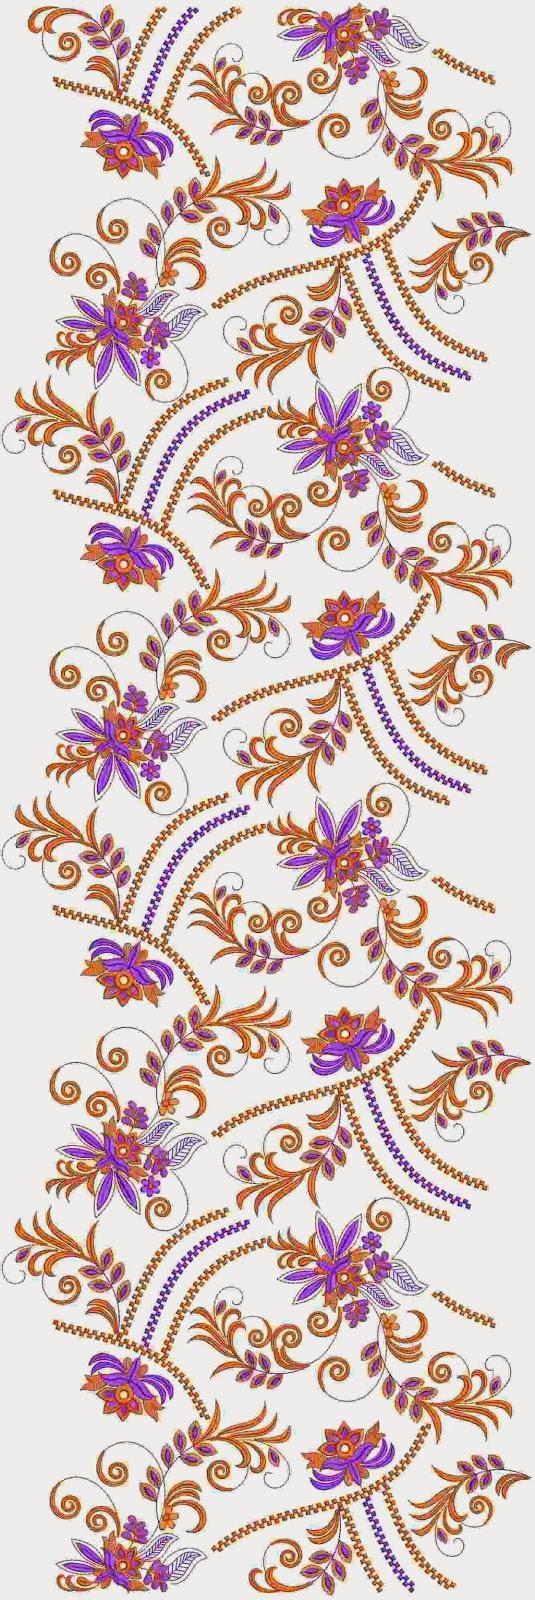 Nuutste borduurwerk masjien Oral patroon